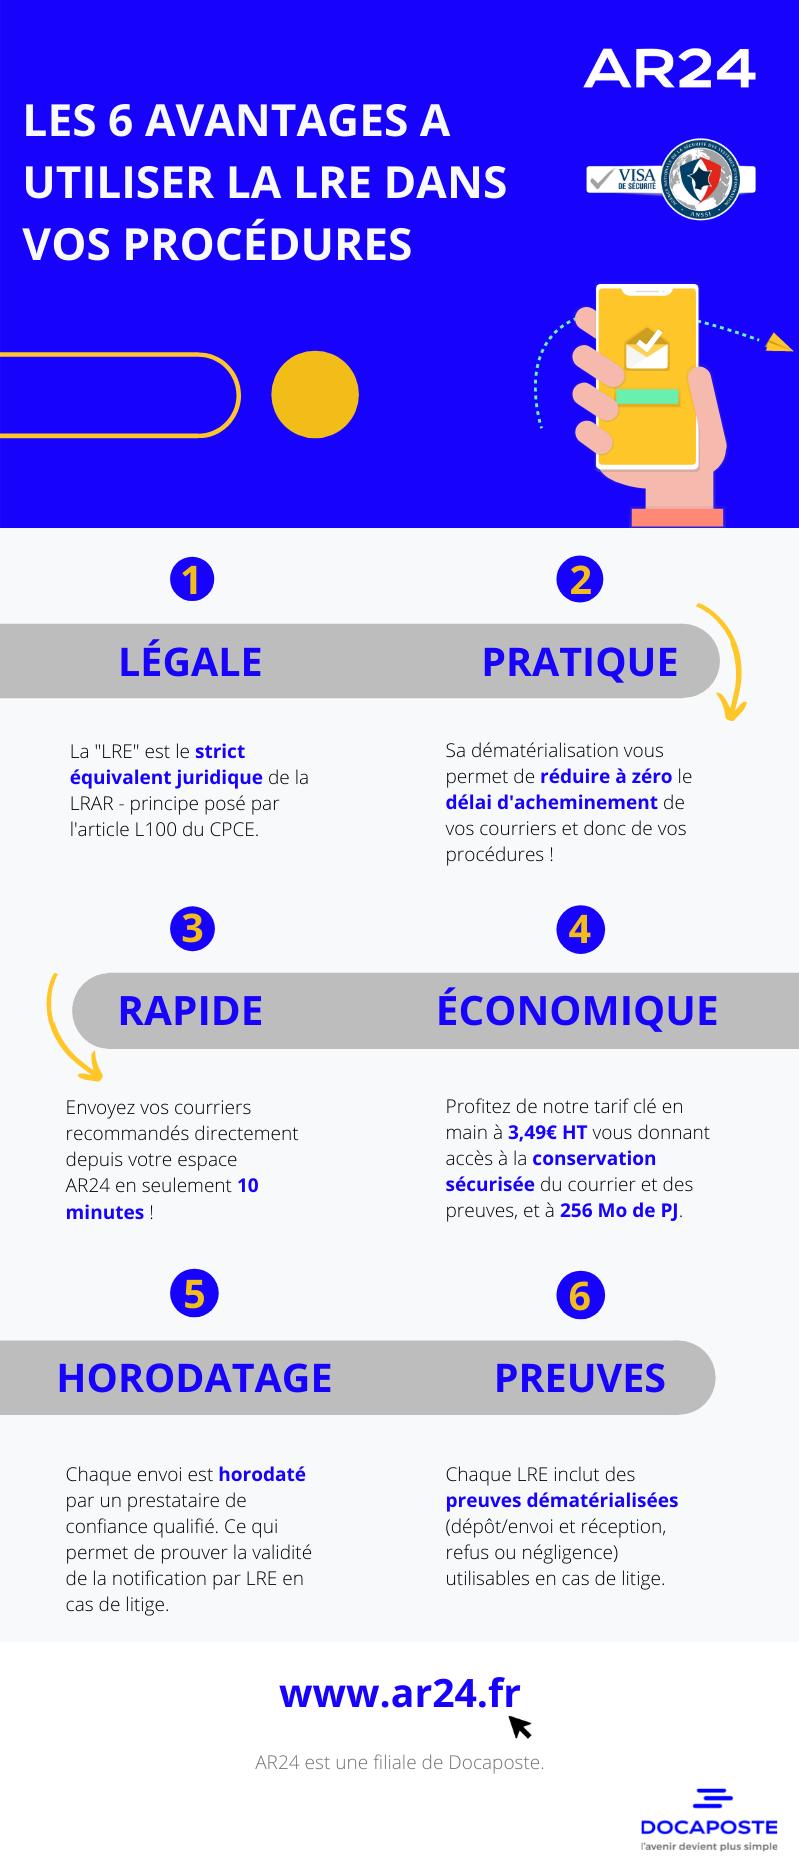 Les 6 avantages à utiliser la LRE dans vos procédures